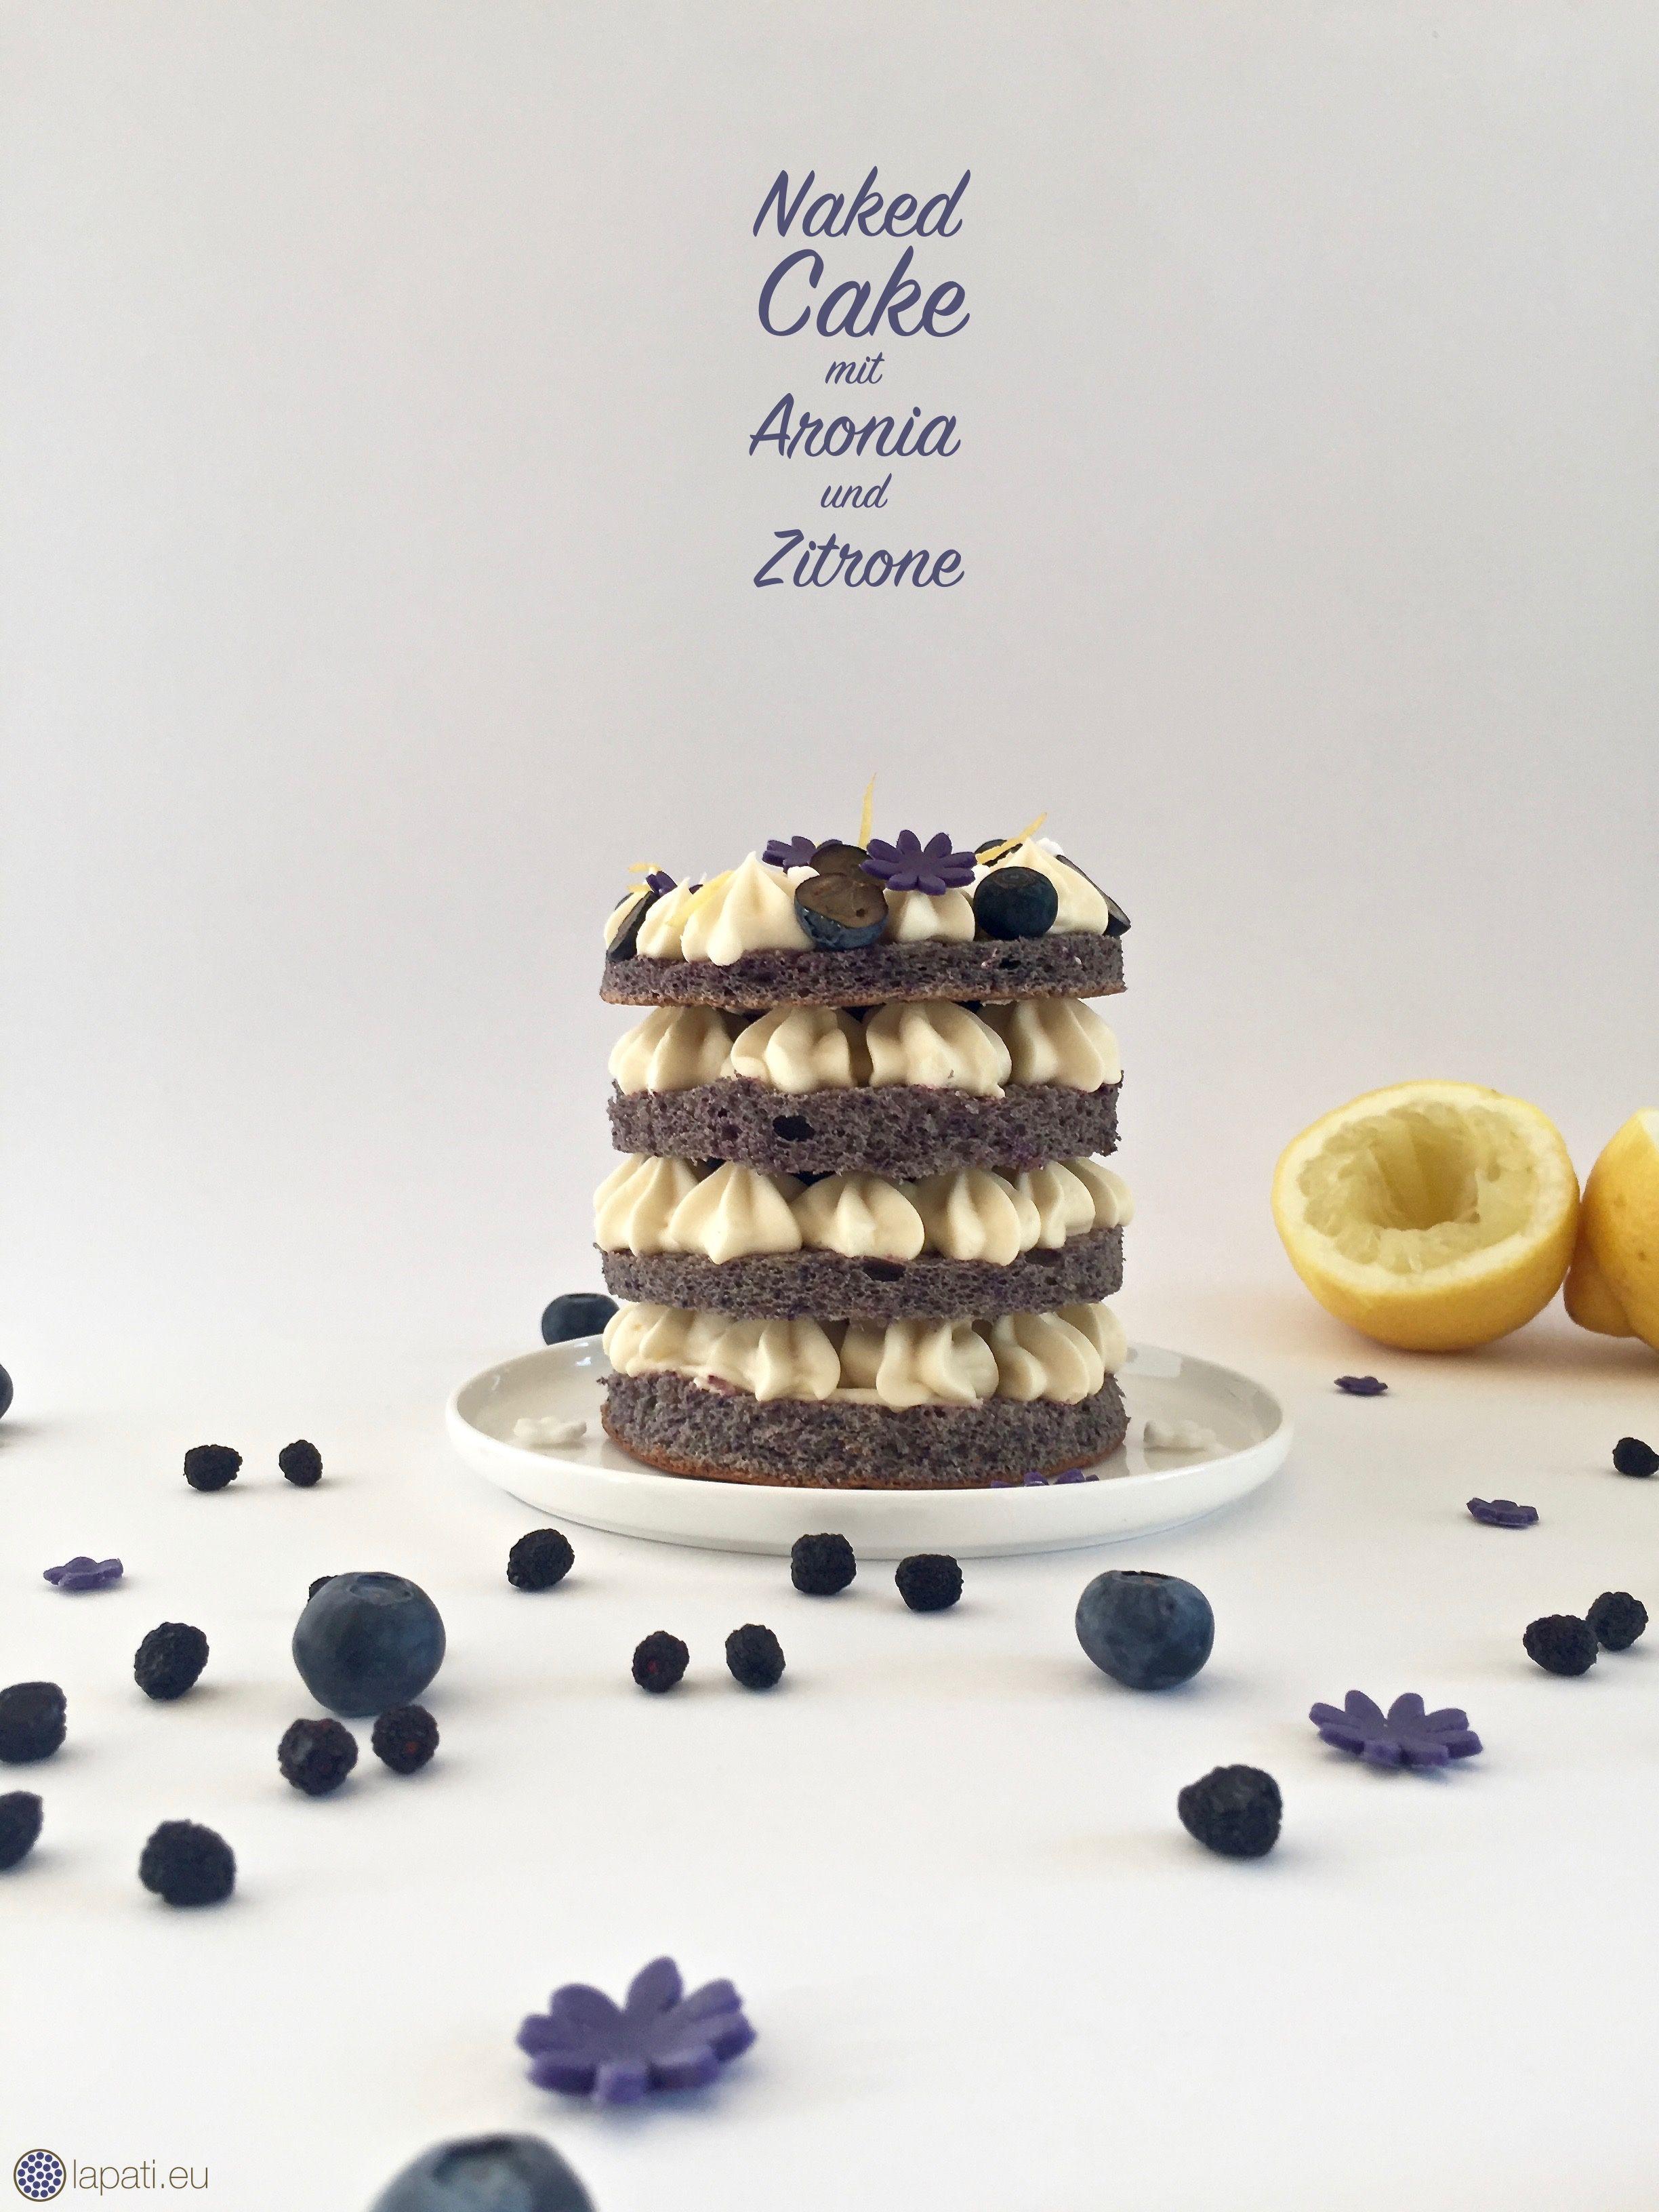 Ein Naked Cake mit erfrischender Zitronencreme und Gelee aus Aroniabeeren